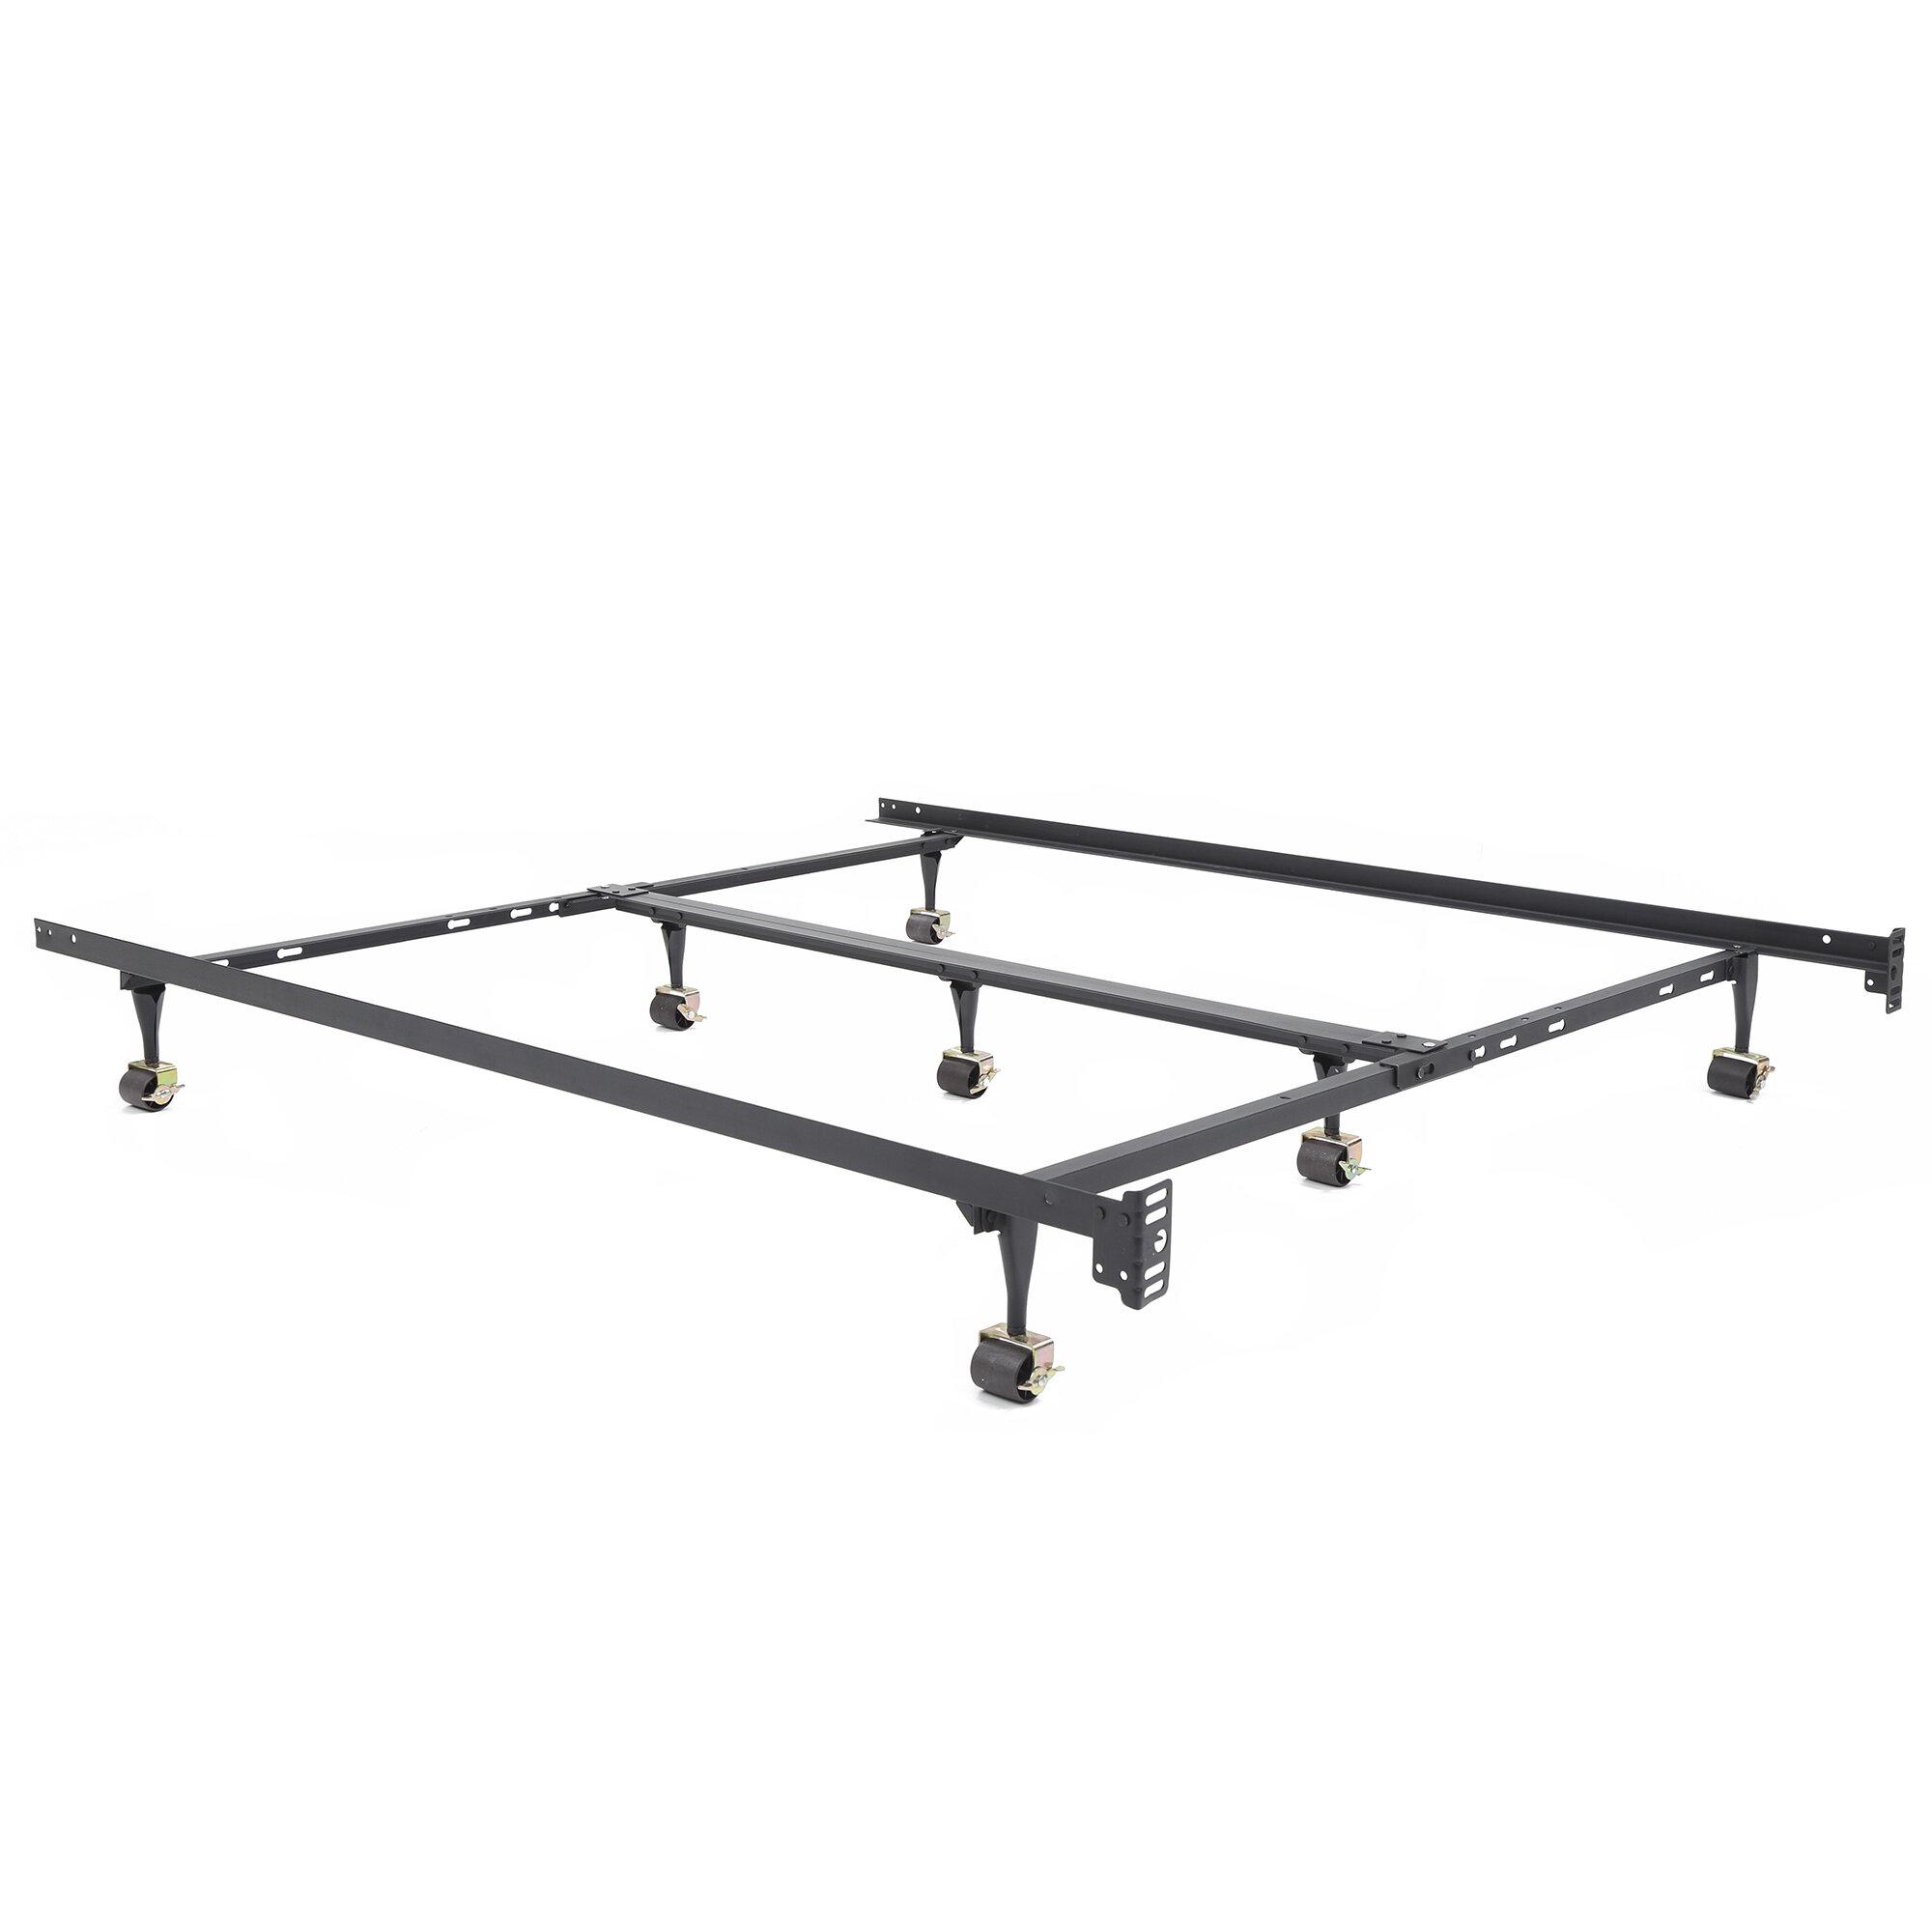 Adjustable Queen Or King Metal Bed Frame Walmart Com Walmart Com